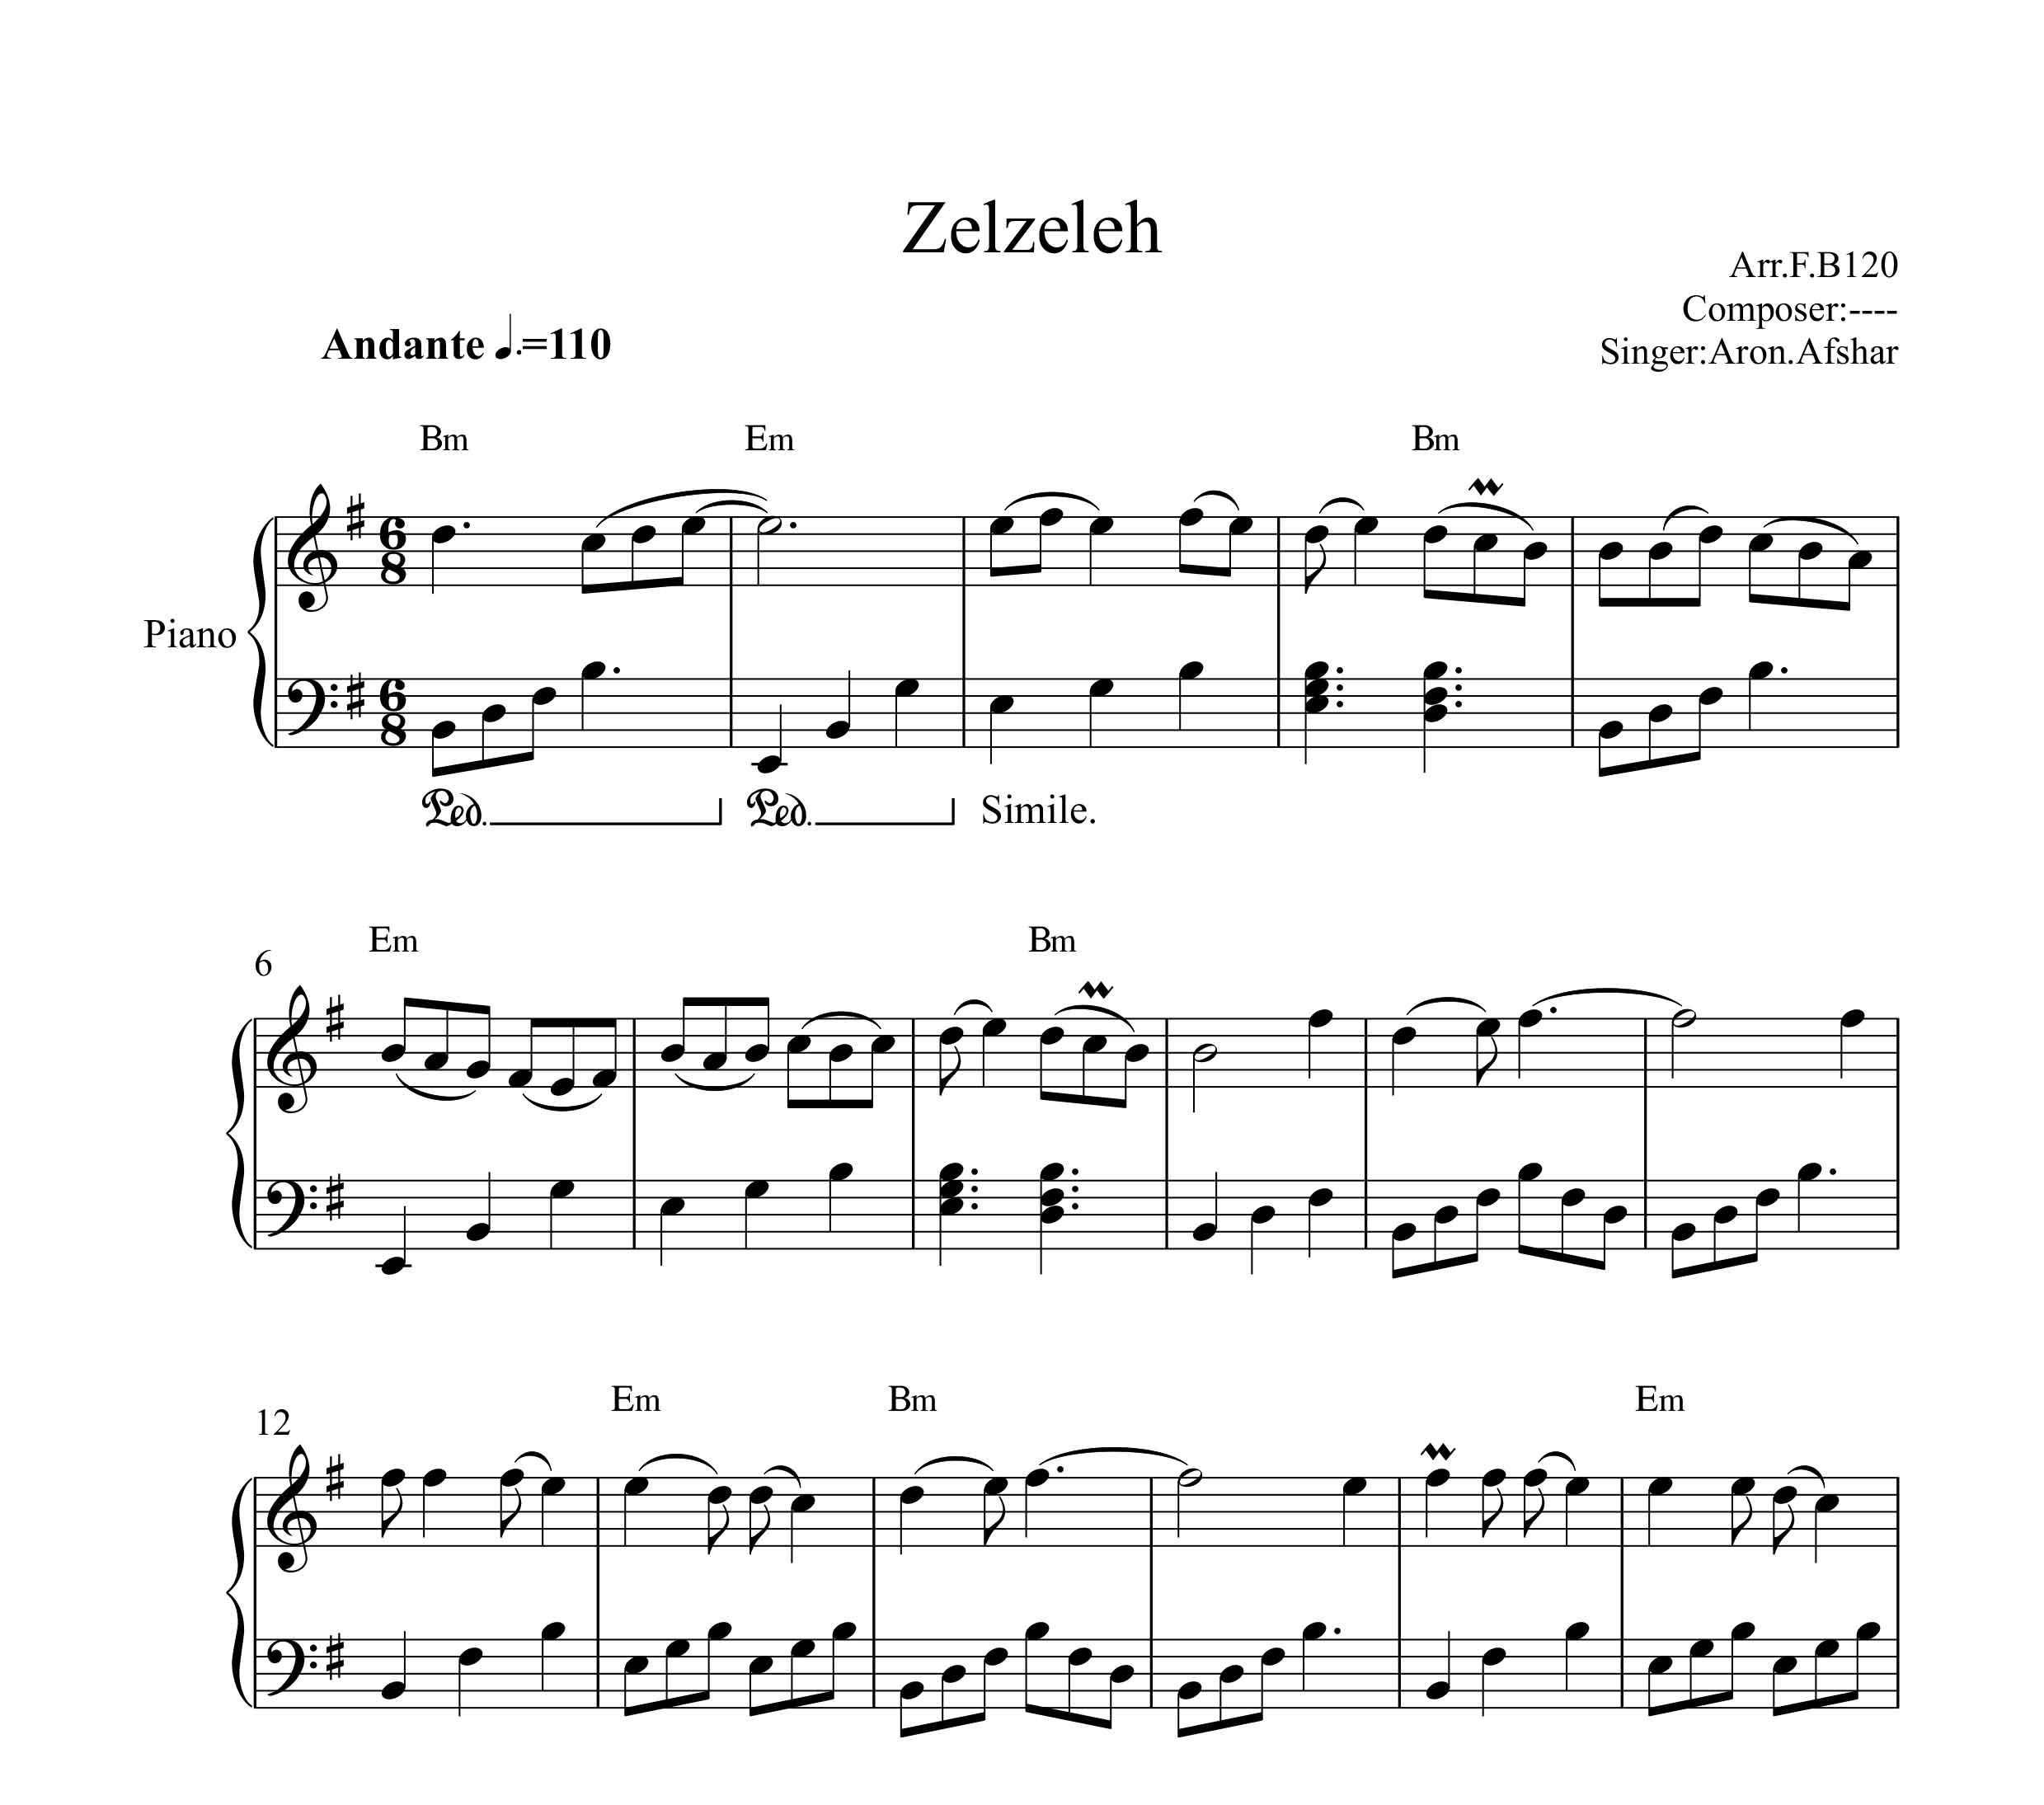 نت پیانو زلزله از آرون افشار به همراه آکورد